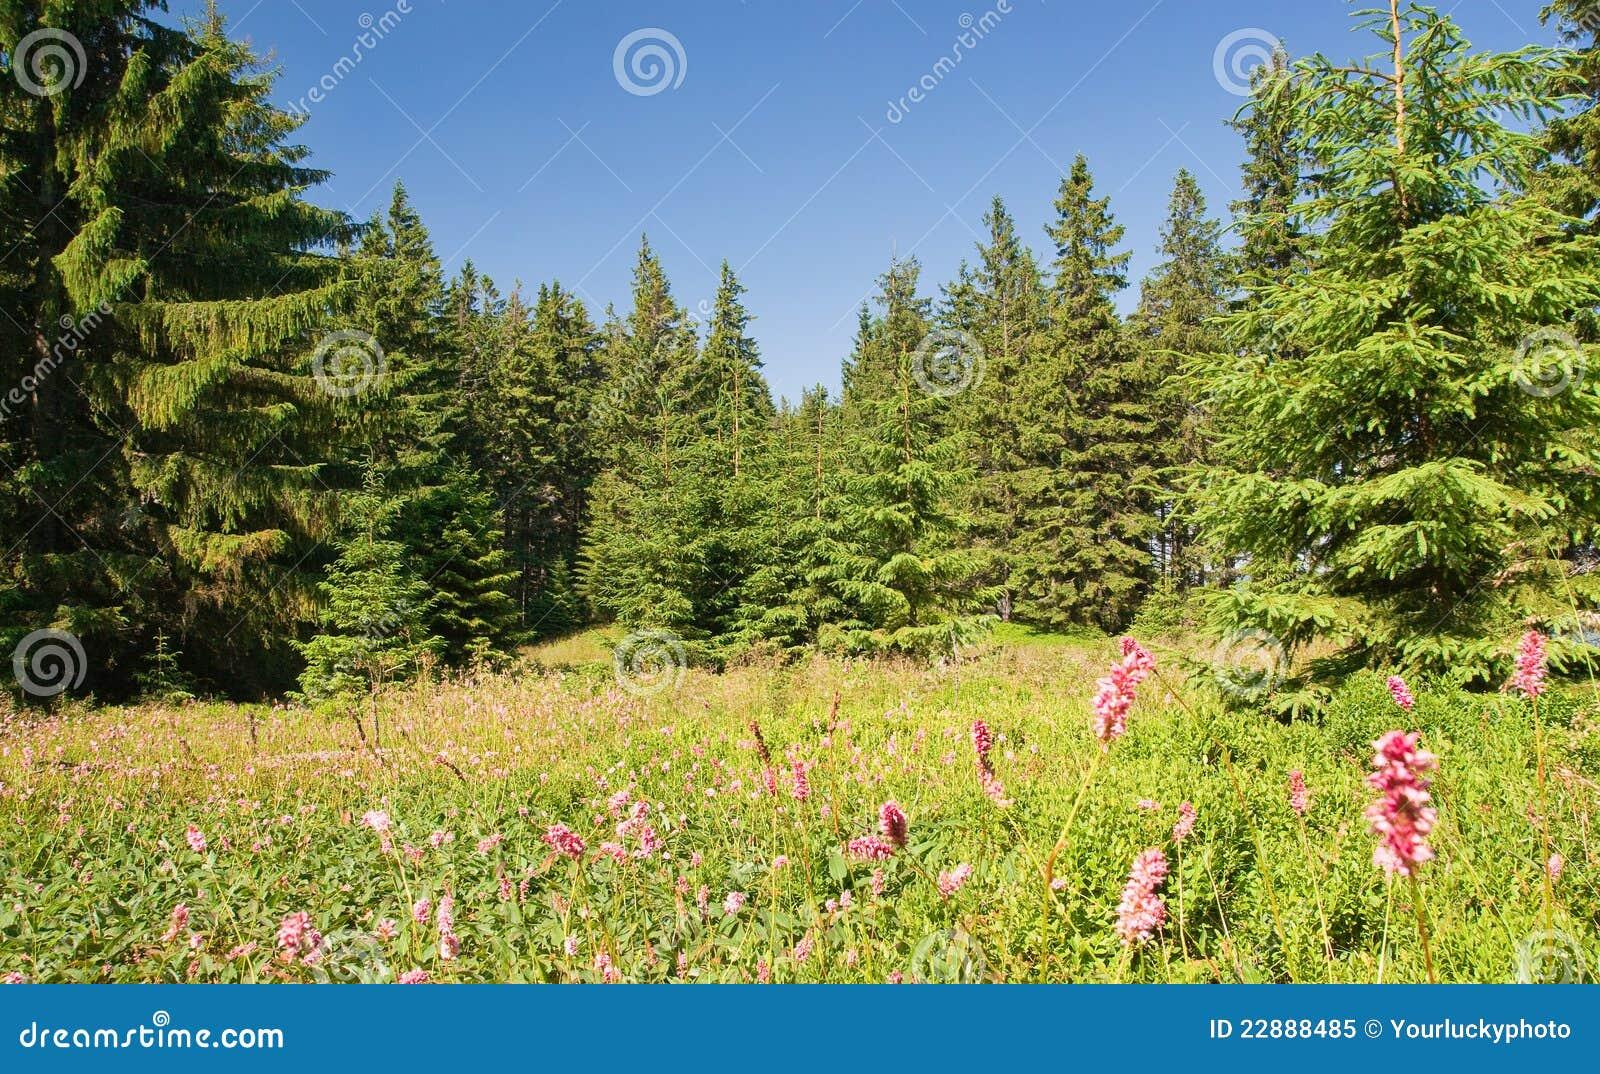 美好的森林夏天图片